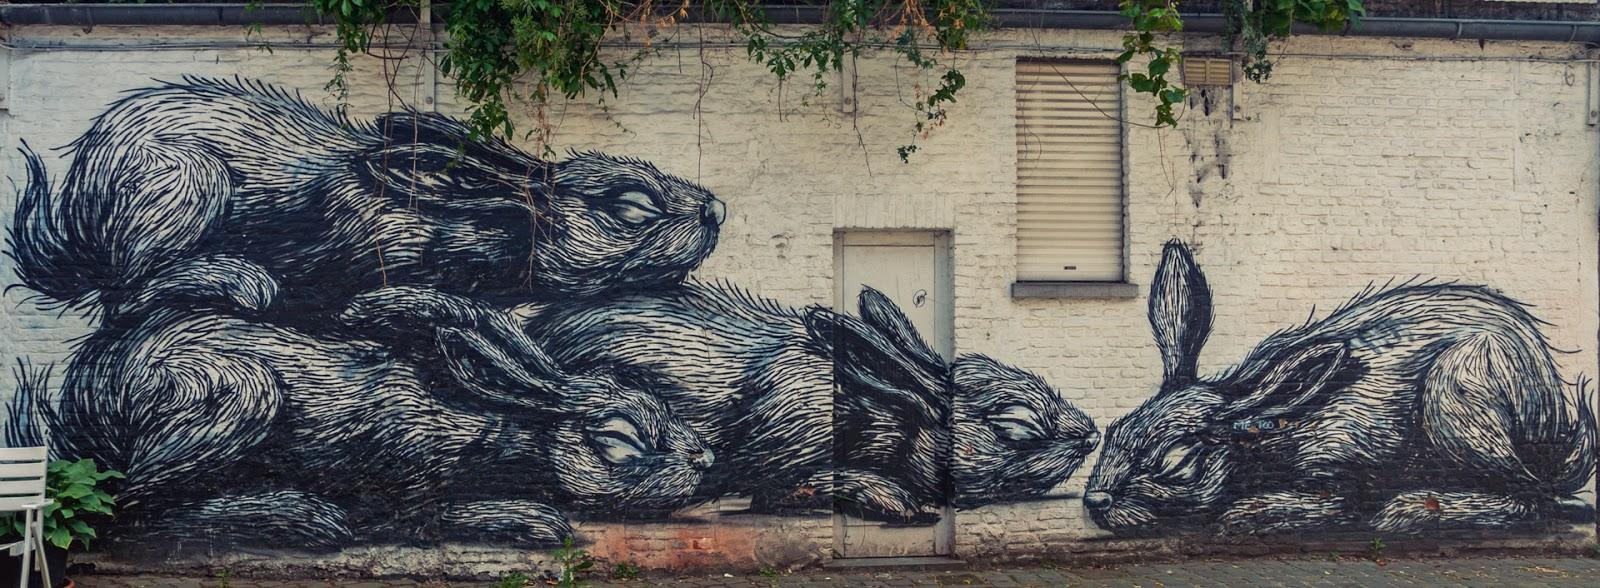 roa street art gand gent